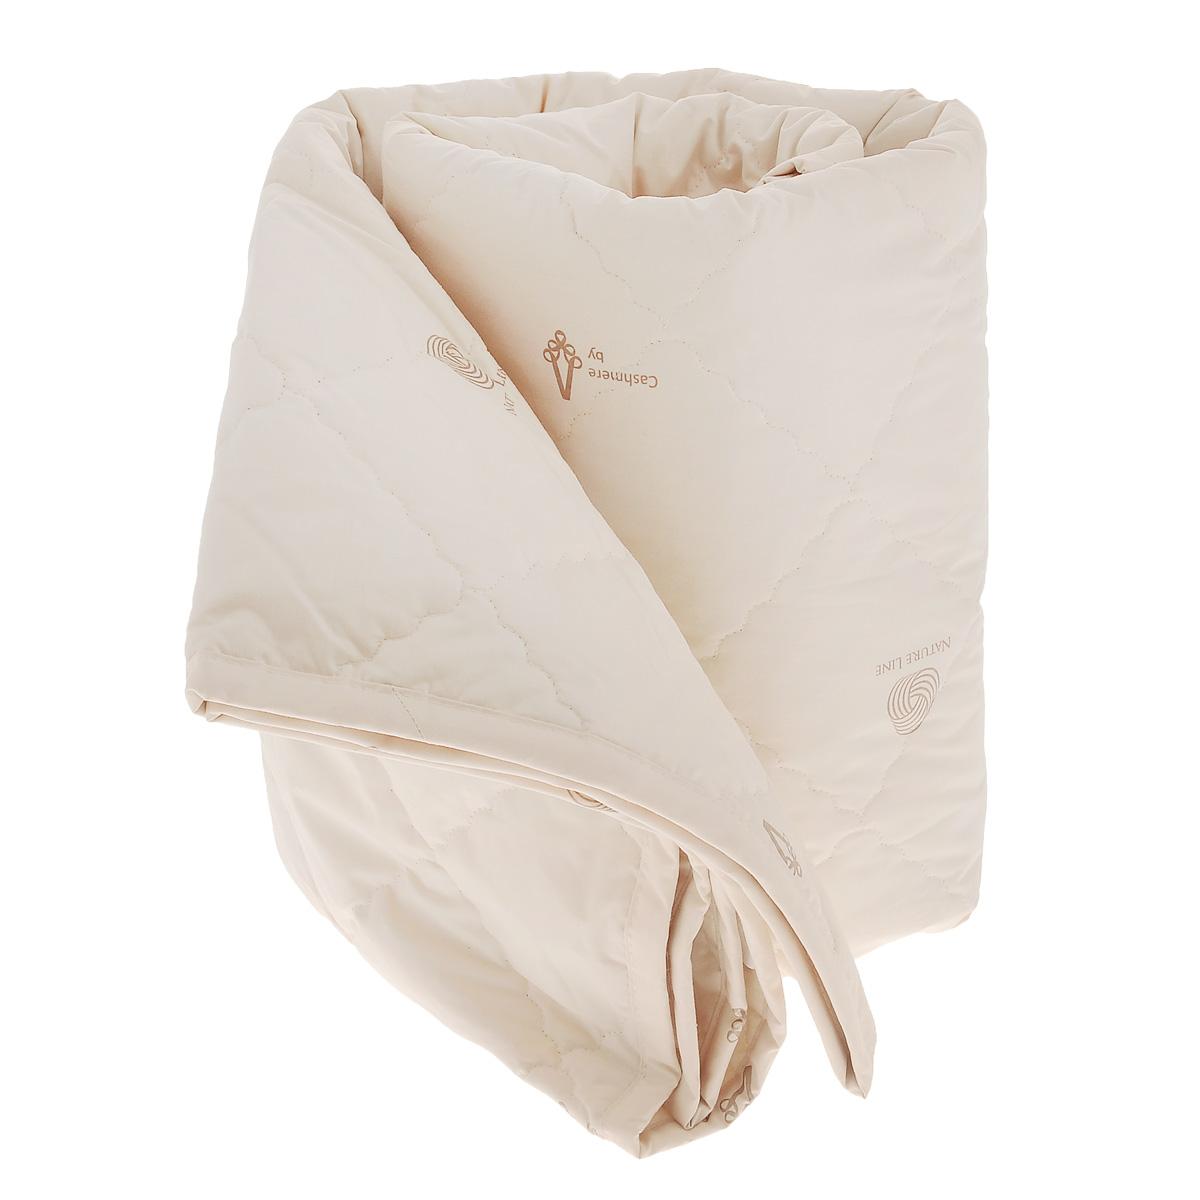 Одеяло La Prima Кашемир, наполнитель: кашемир, полиэфирное волокно, цвет: светло-бежевый, 170 см х 205 смМБМ-18-2Одеяло La Prima Кашемир очень легкое, воздушное и одновременно теплое. Чехол одеяла выполнен из 100% хлопка. Наполнитель - из натуральной шерсти кашемирской козы. Одеяла с наполнителем из кашемира очень высоко ценят во всем мире. Изделие обладает высокой воздухопроницаемостью, прекрасно сохраняет тепло и снимает статистическое электричество. Оно гипоаллергенно, очень практично и неприхотливо в уходе. Благоприятно воздействует на мышцы и суставы, создавая эффект микромассажа, обеспечивает здоровый и глубокий сон. Ручная стирка при температуре 30°С. Материал чехла: 100% хлопок.Наполнитель: кашемир, полиэфирное волокно. Размер: 170 см х 205 см.